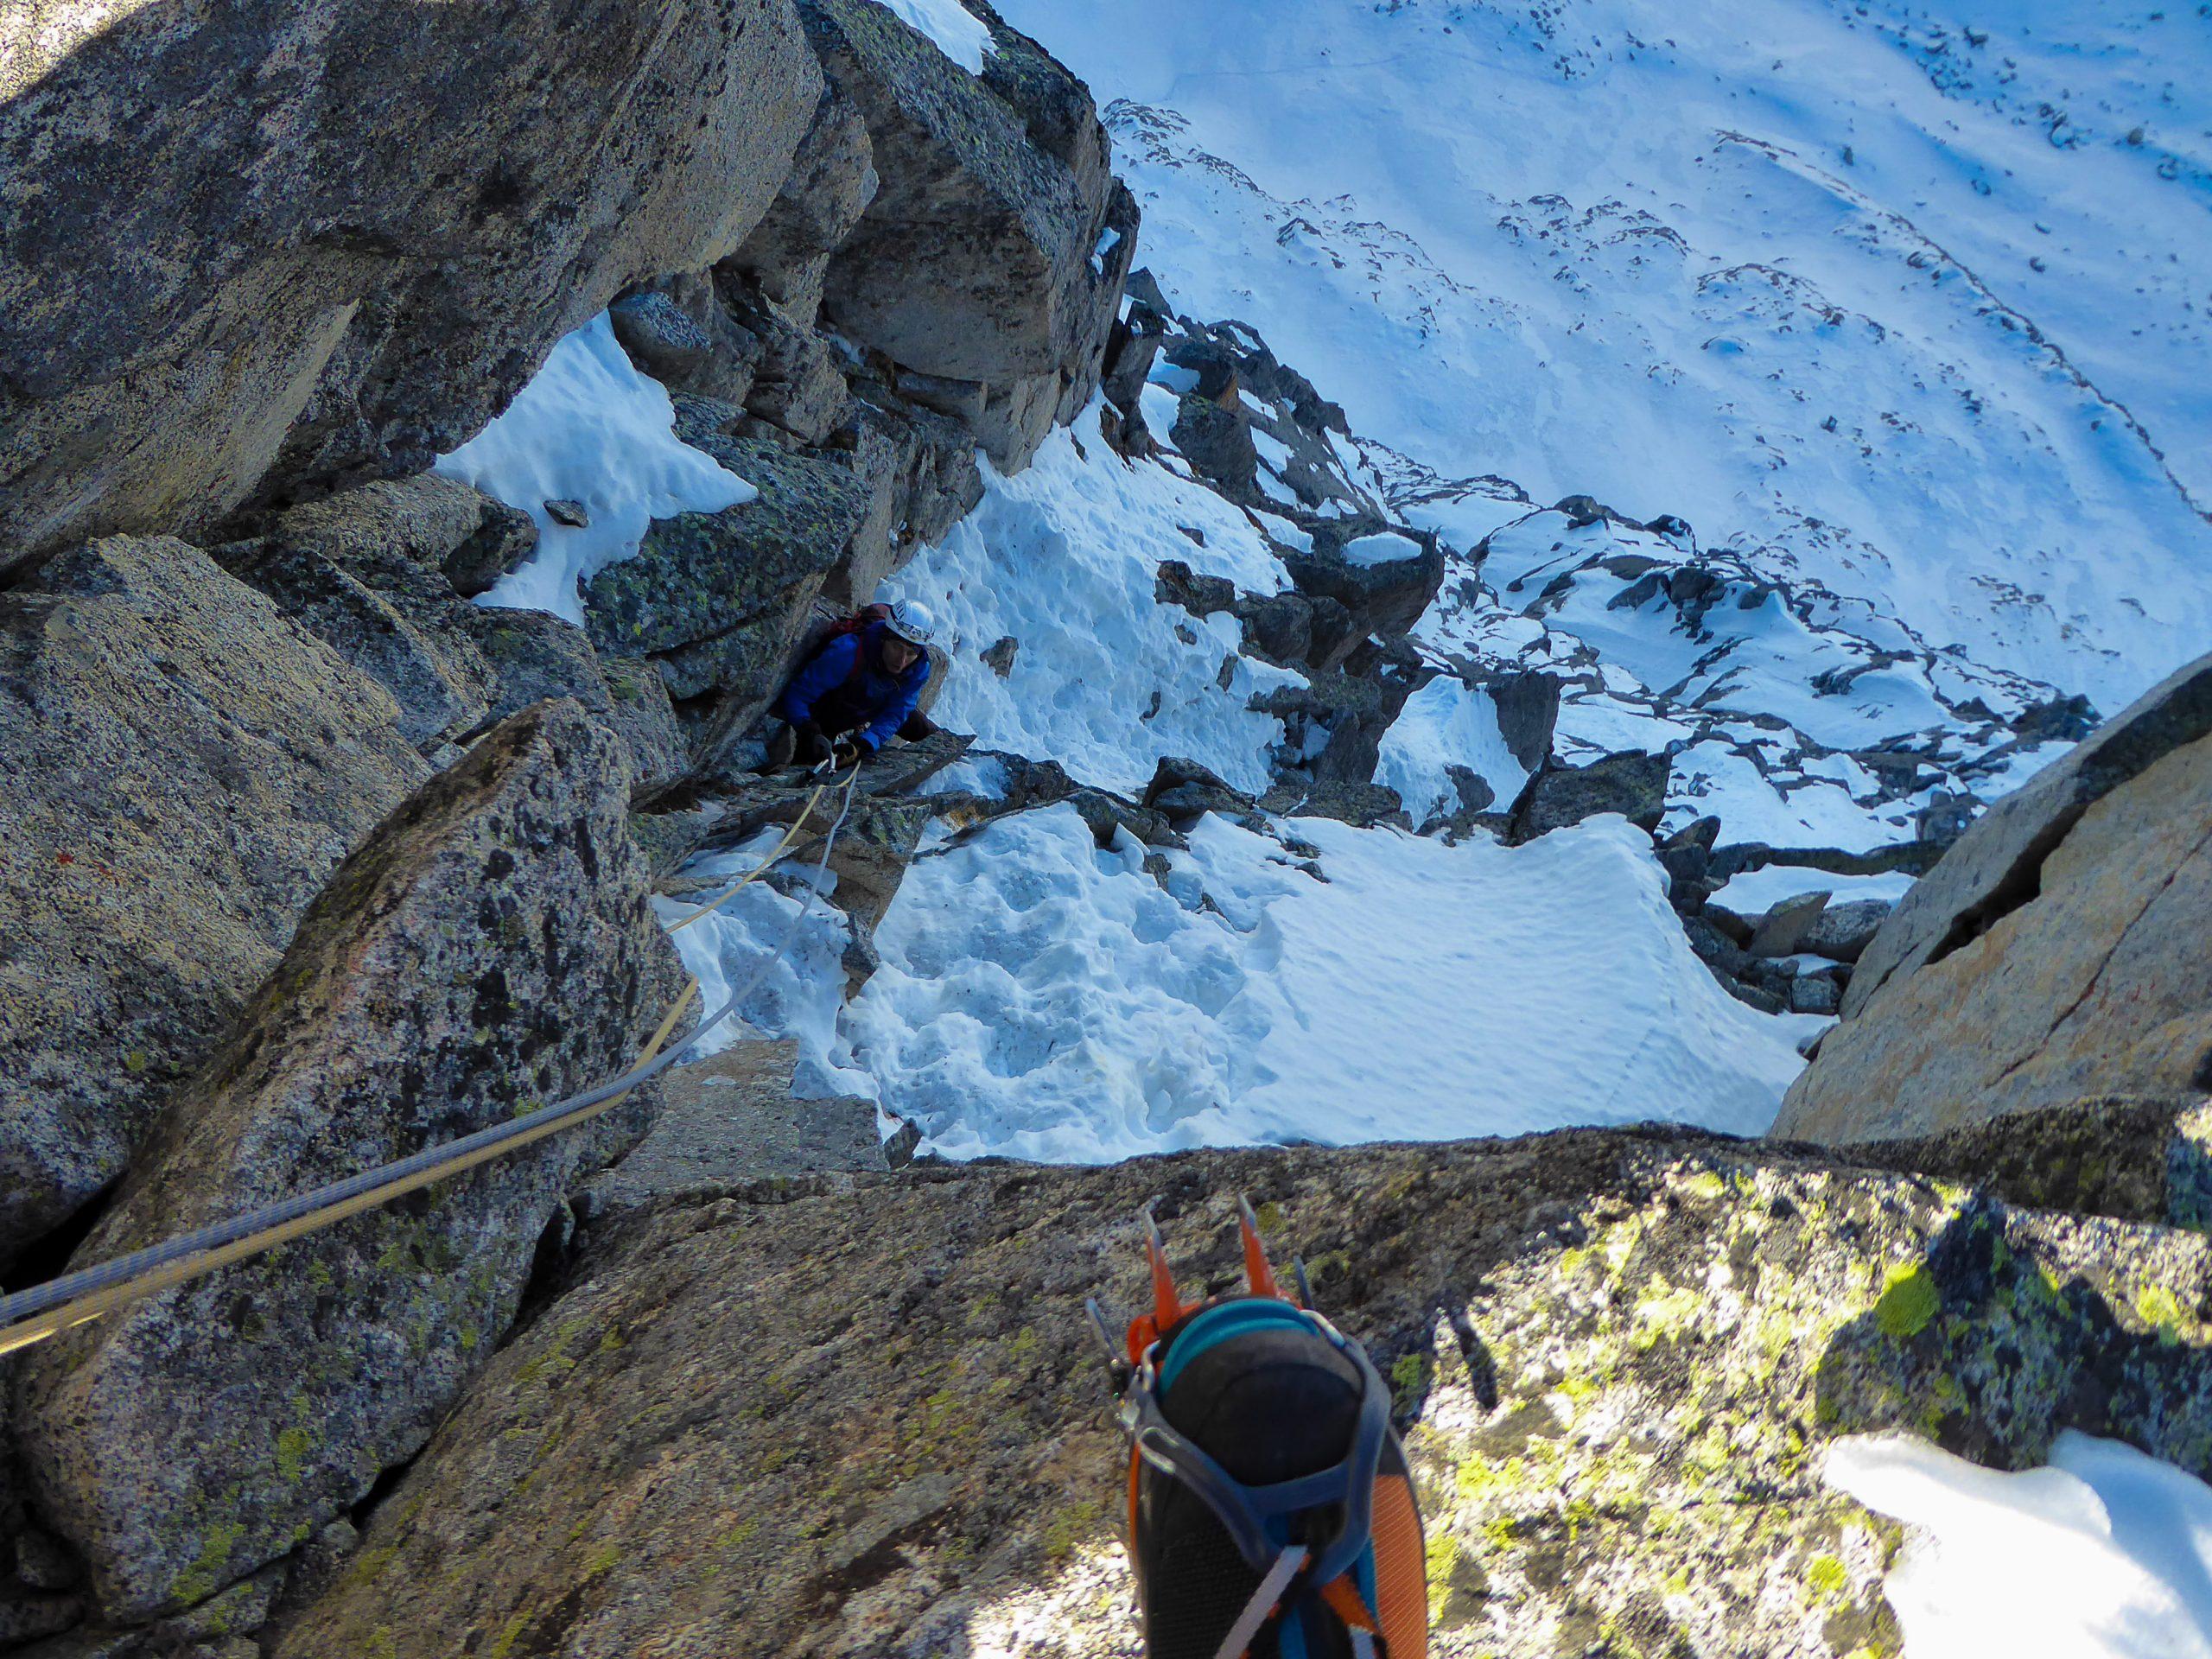 Monte Nero di Presanella – Clean Climb - Andrea alle prese con gli ultimi passaggi impegnativi